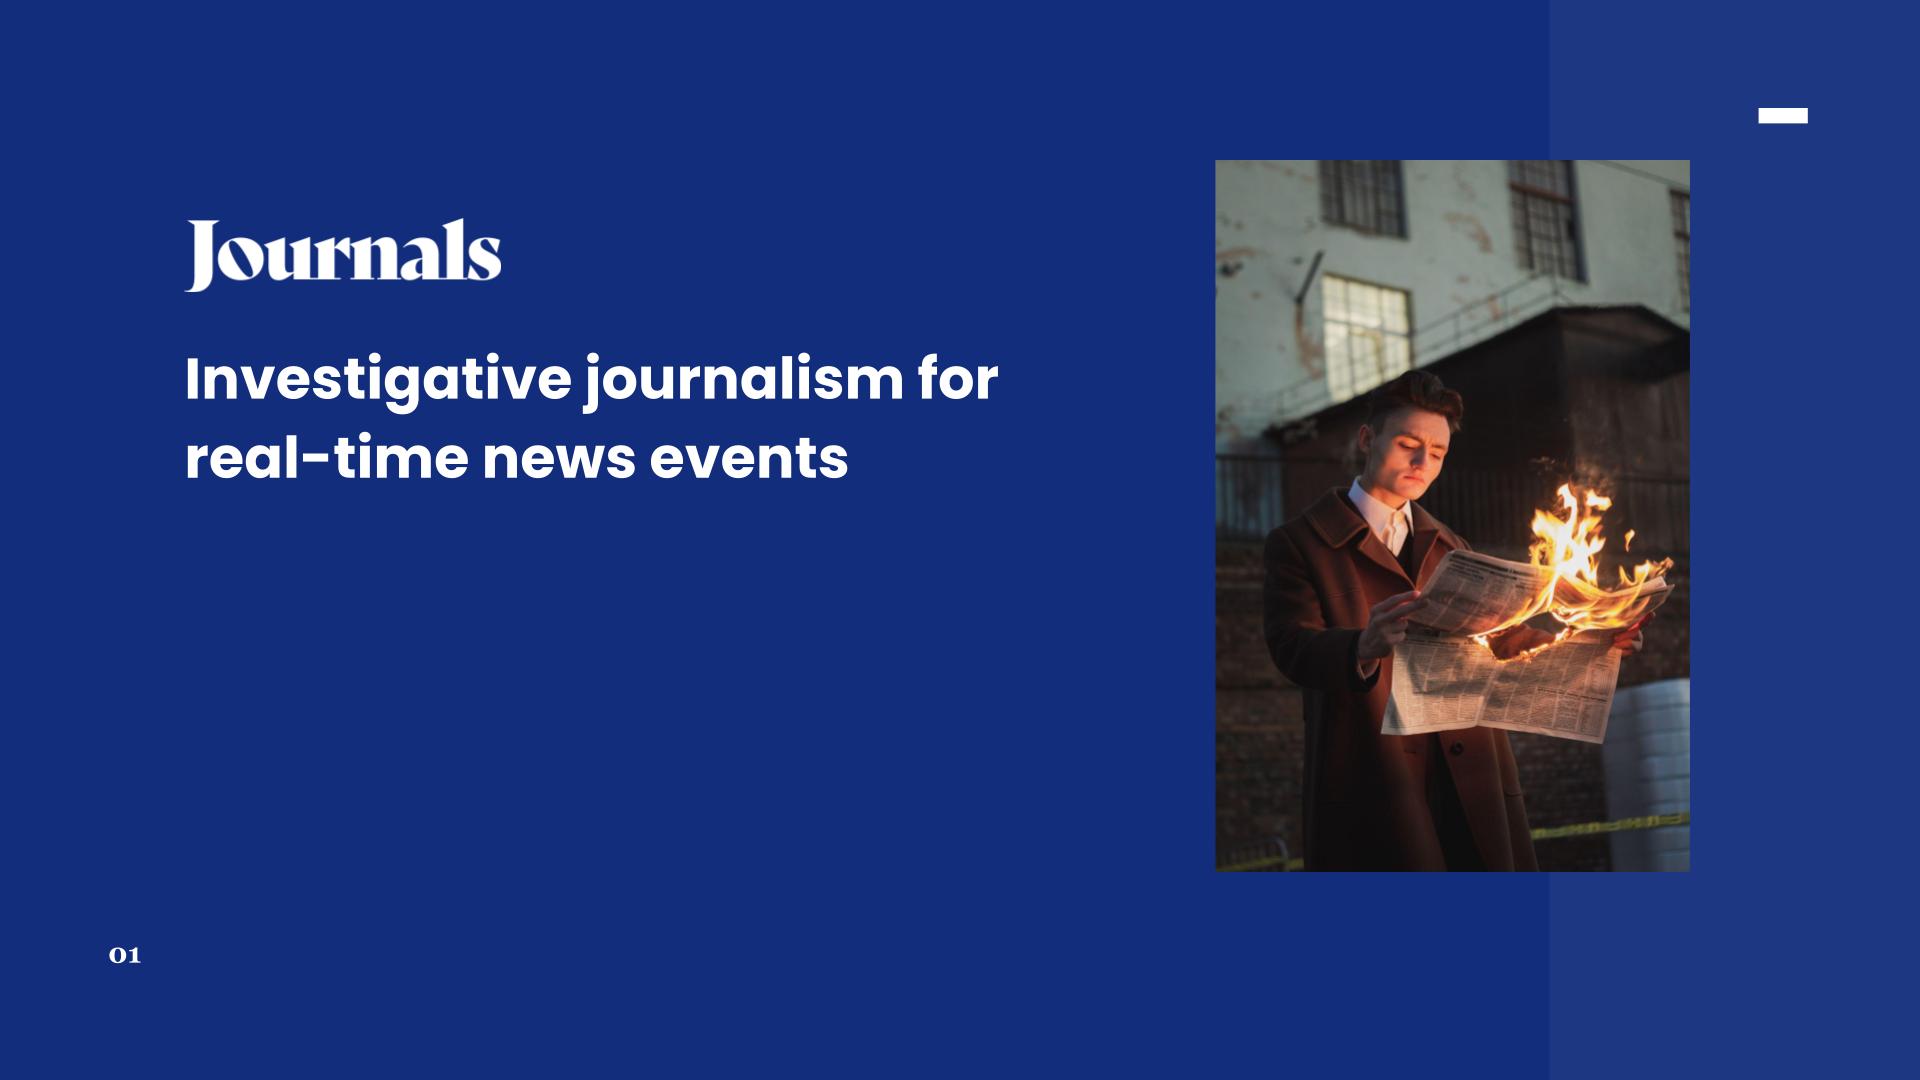 Journals showcase